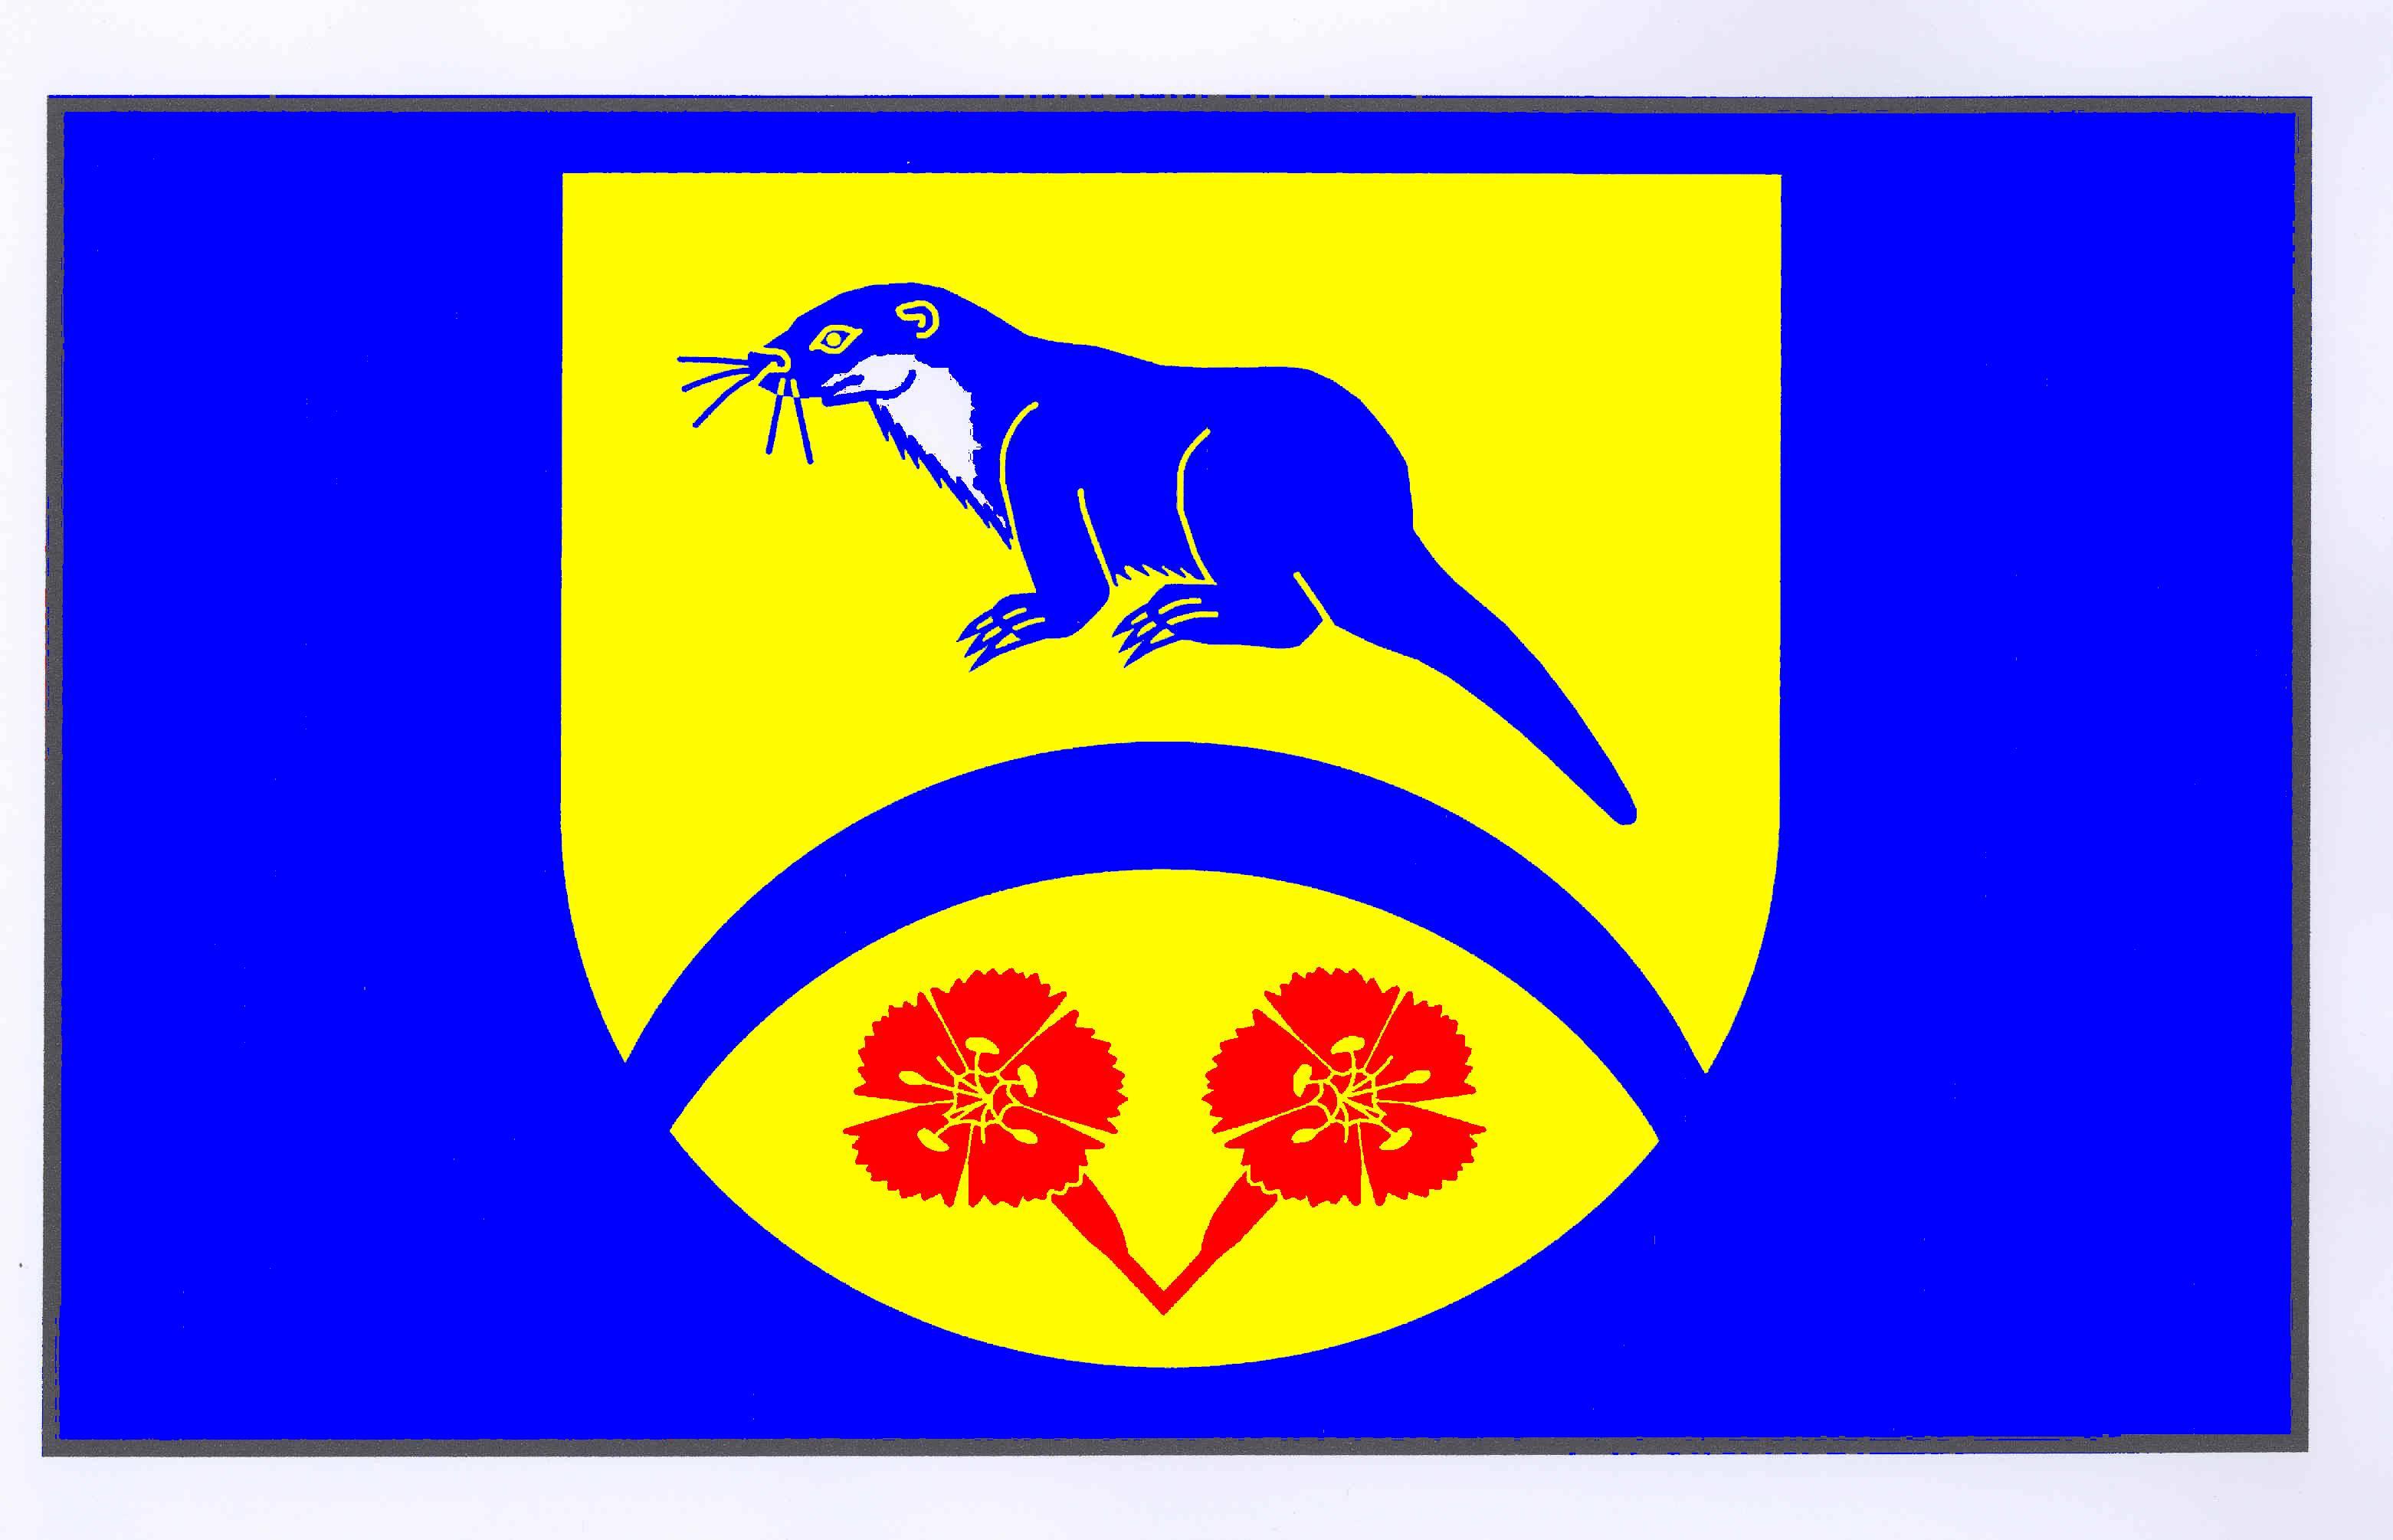 Flagge GemeindeGrambek, Kreis Herzogtum Lauenburg